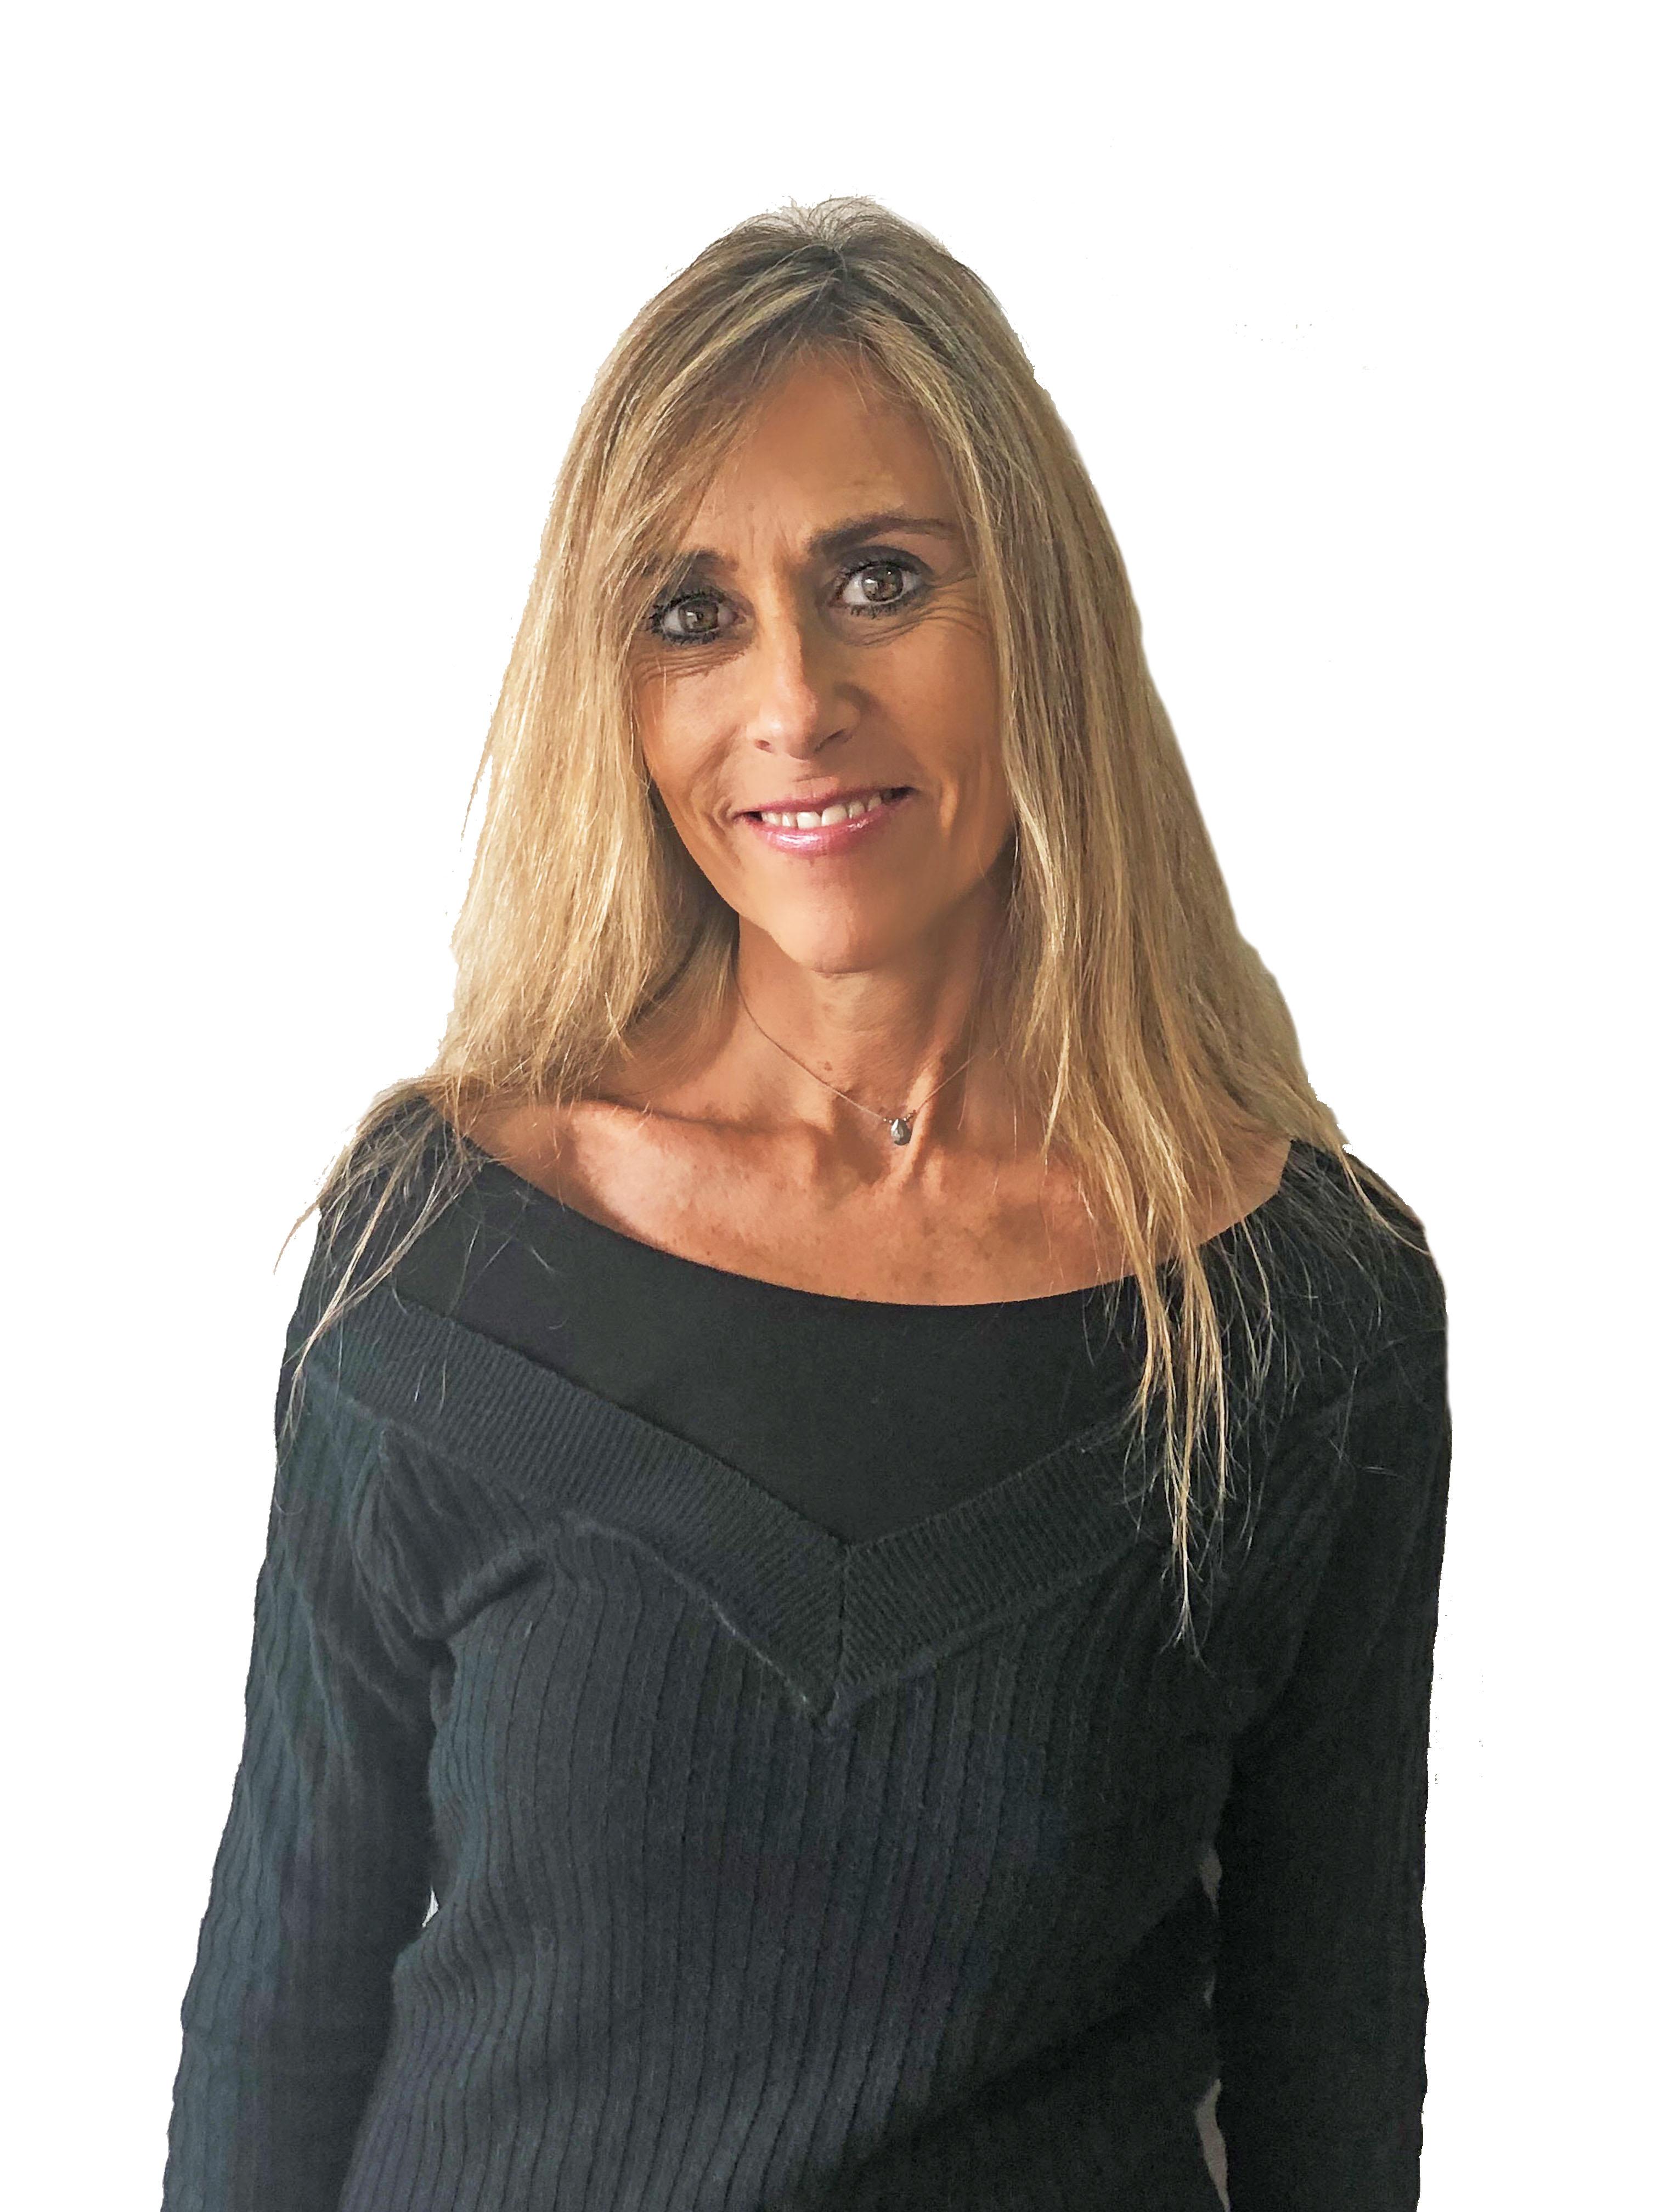 Mariana bontempi